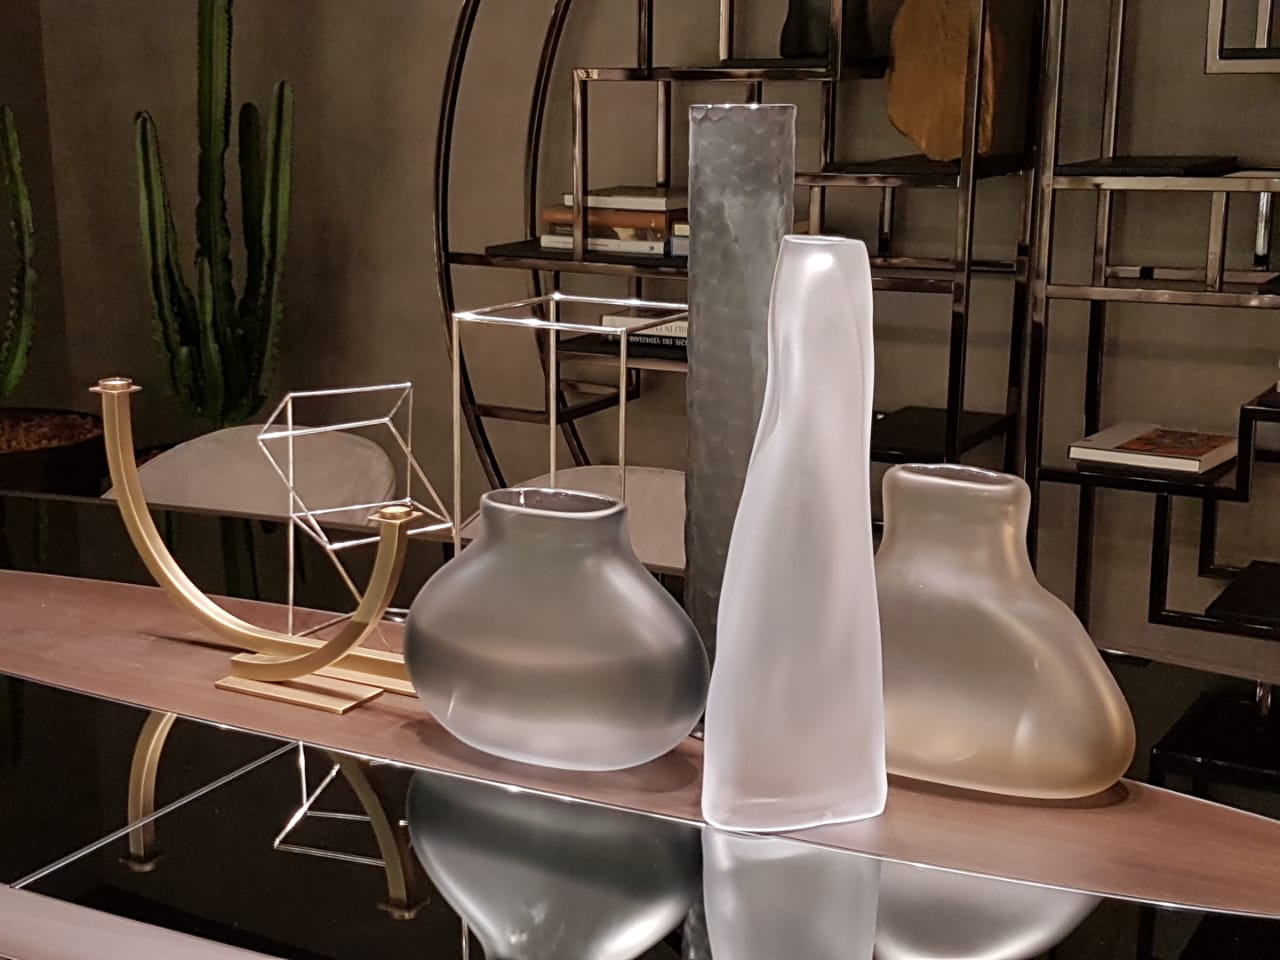 Objetos decorativos de Gianfranco Ferre en el salón de Milán